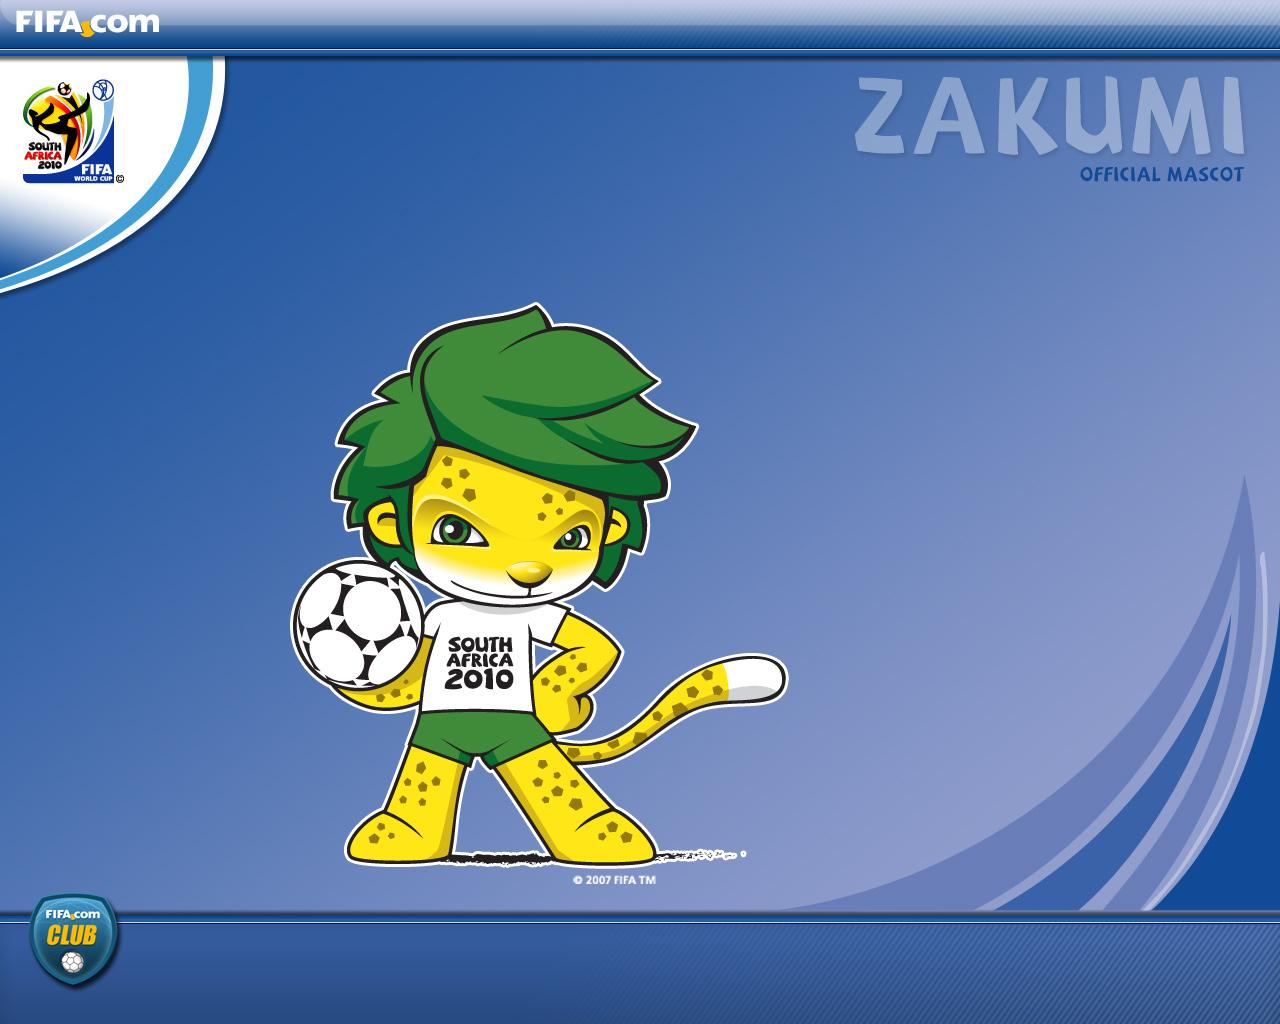 http://1.bp.blogspot.com/_KljbozheD7A/TCp0dbXXHjI/AAAAAAAABtY/idDEelYq3Ug/s1600/Fifa-World-Cup-Official-Mascot-wallpaper-13-1280x1024.jpg